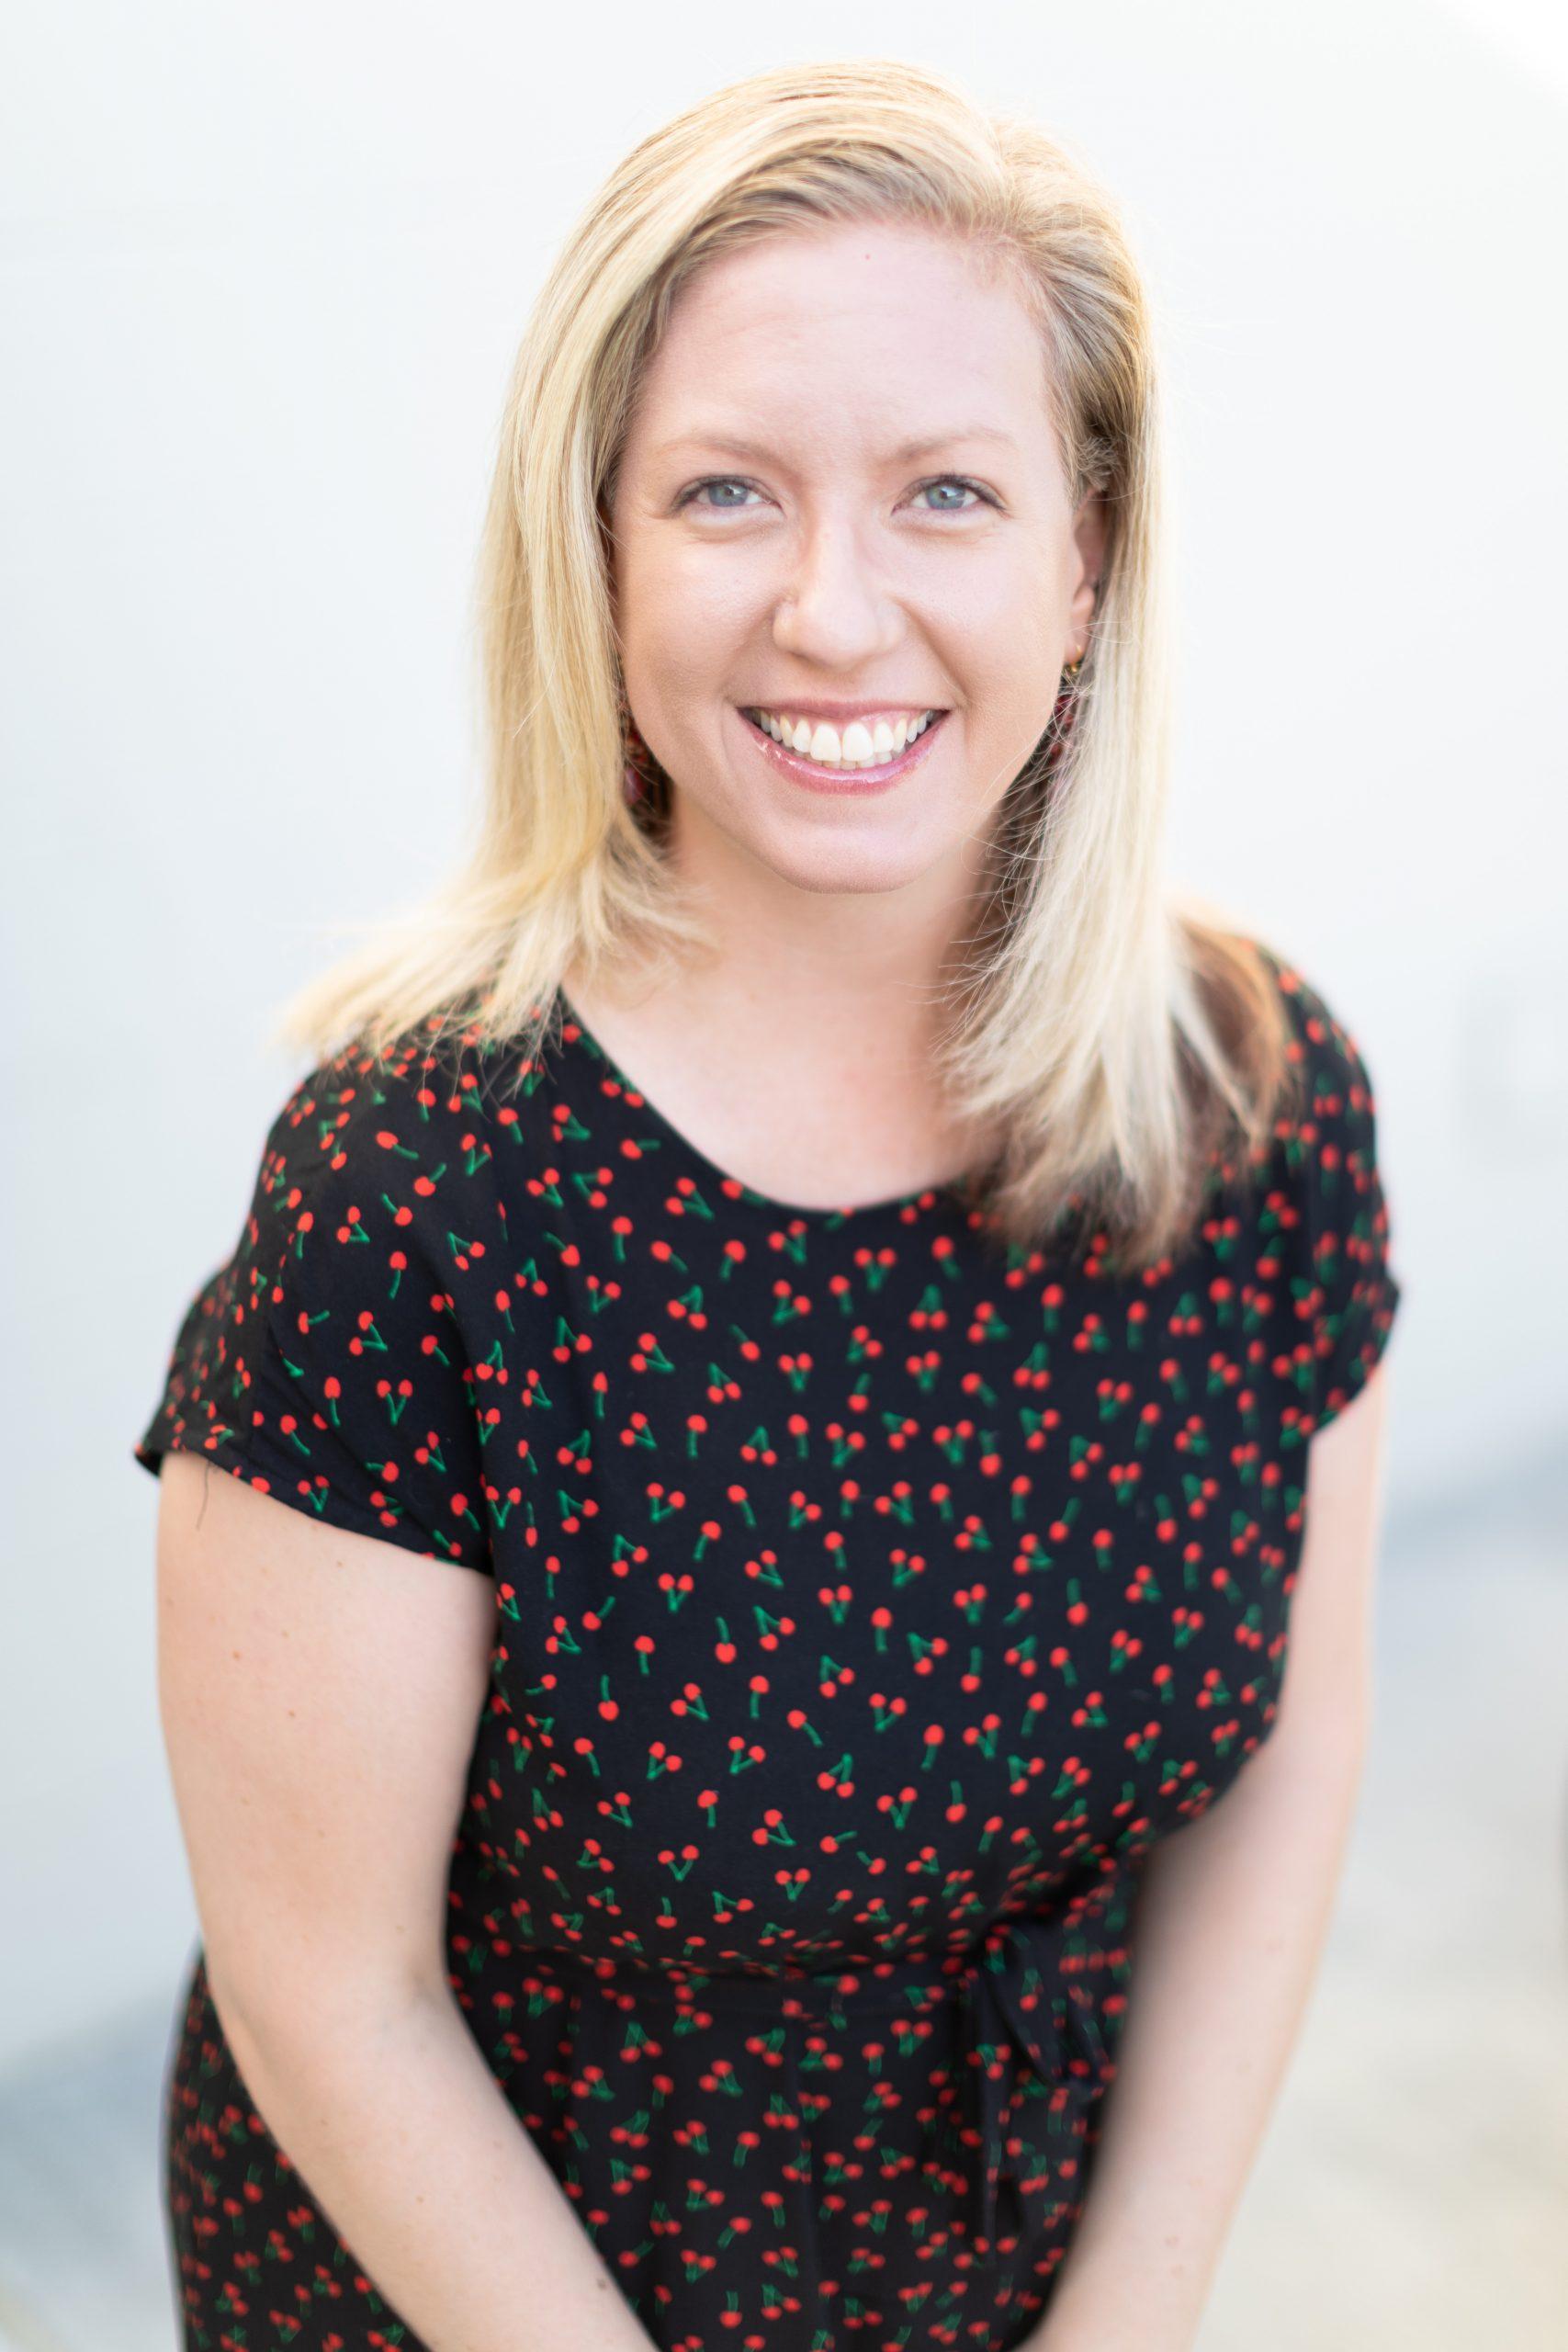 Lauren Prof Headshot 04-high res